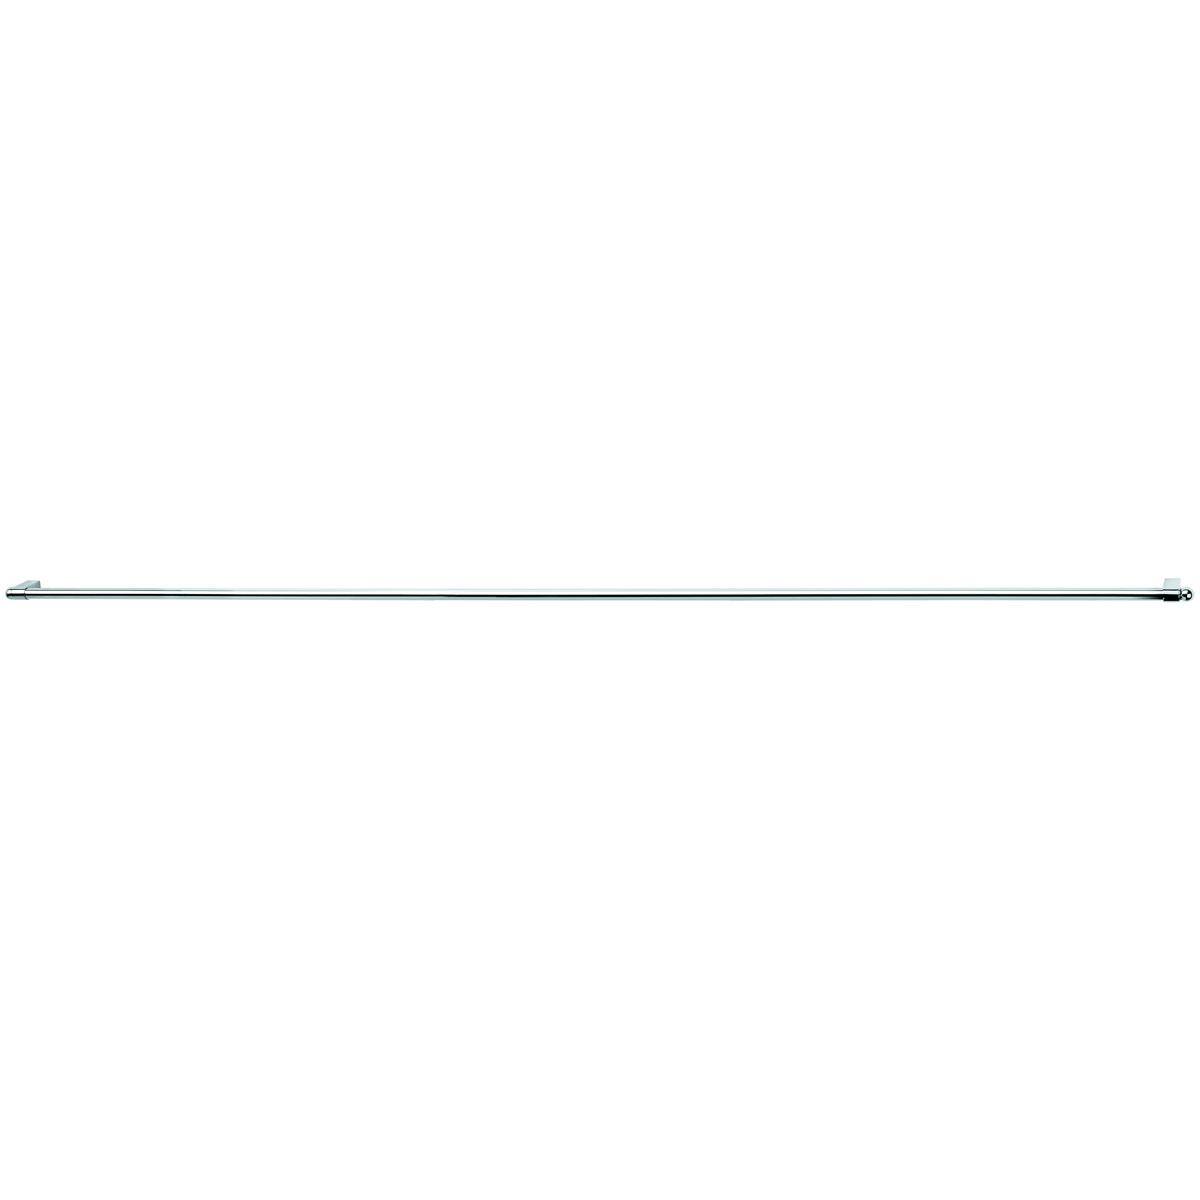 Рейлинг Esprado Platinos, с комплектом крепежа, 1,2 м. 0011610E2010011612E201Рейлинг Platinos, выполненный из стали с никель-хромовым покрытием, прекрасно подойдет для ванной комнаты. Рейлинг можно использовать для развешивания полотенец, мочалок и других аксессуаров. Благодаря стильному современному дизайну рейлинг впишется в интерьер любой кухни или ванной комнаты. В комплекте: рейлинг, 2 заглушки, 2 держателя.